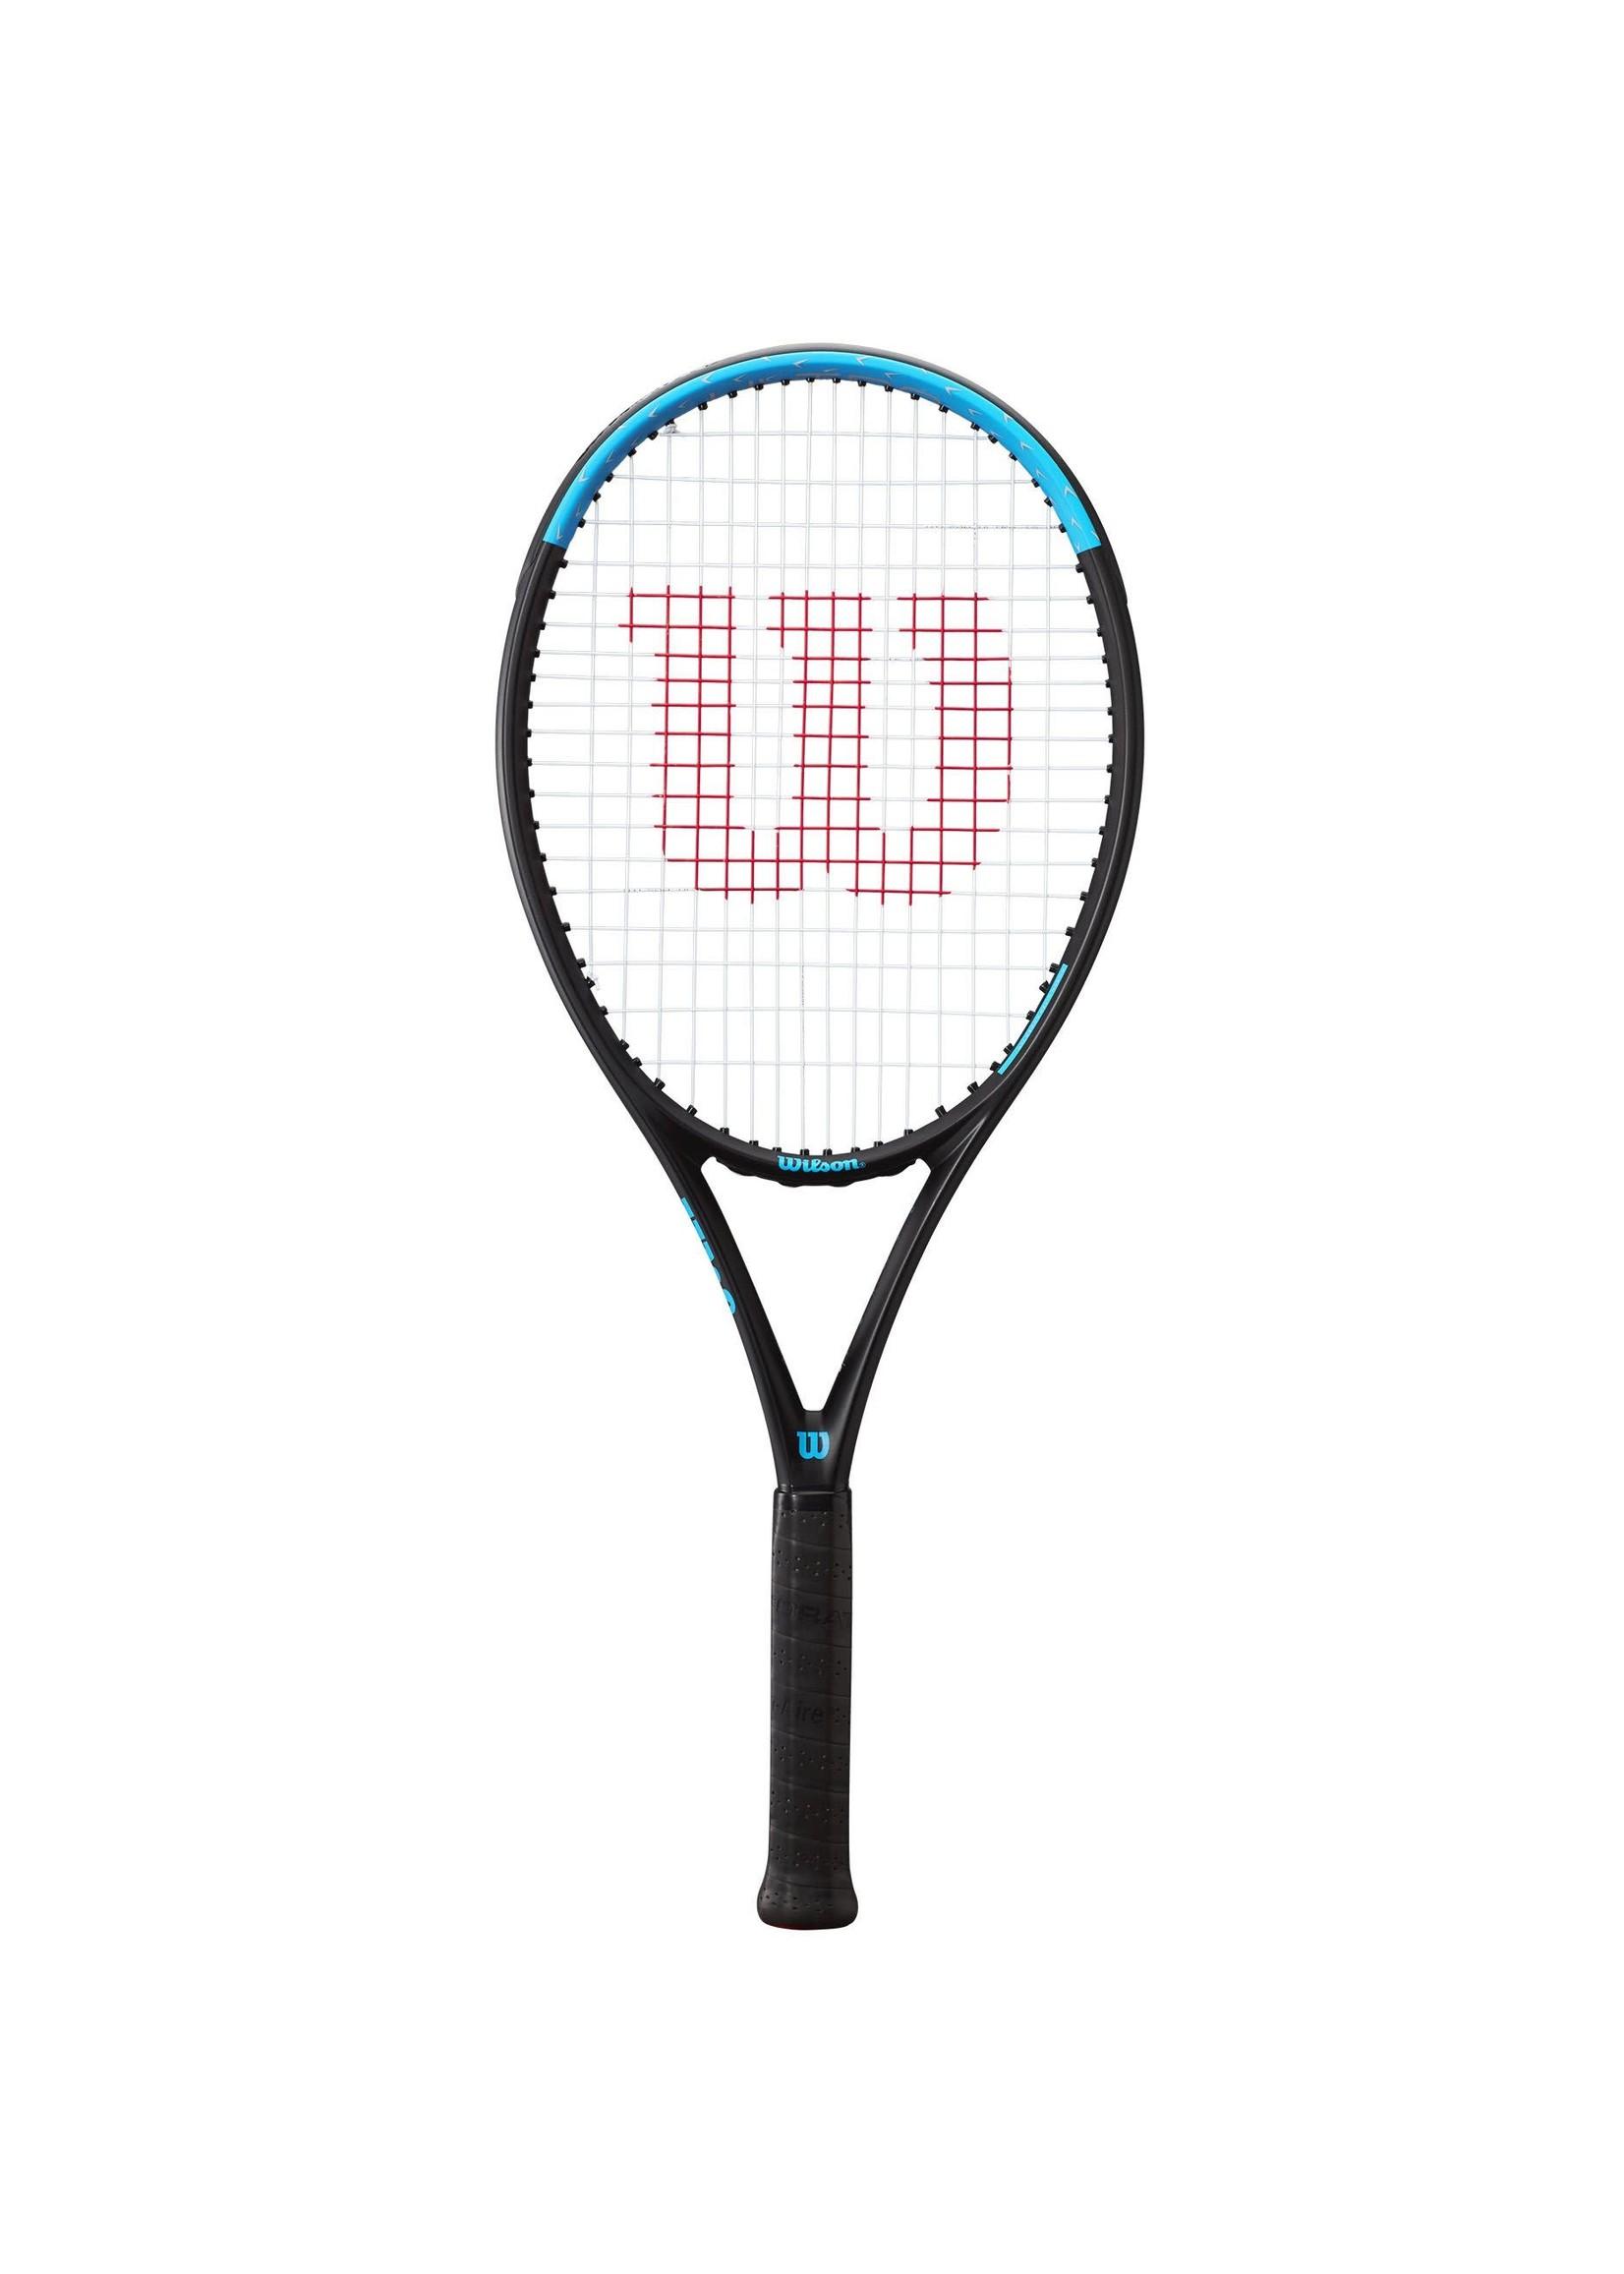 Wilson Wilson Ultra Power 105 Tennis Racket (2021)